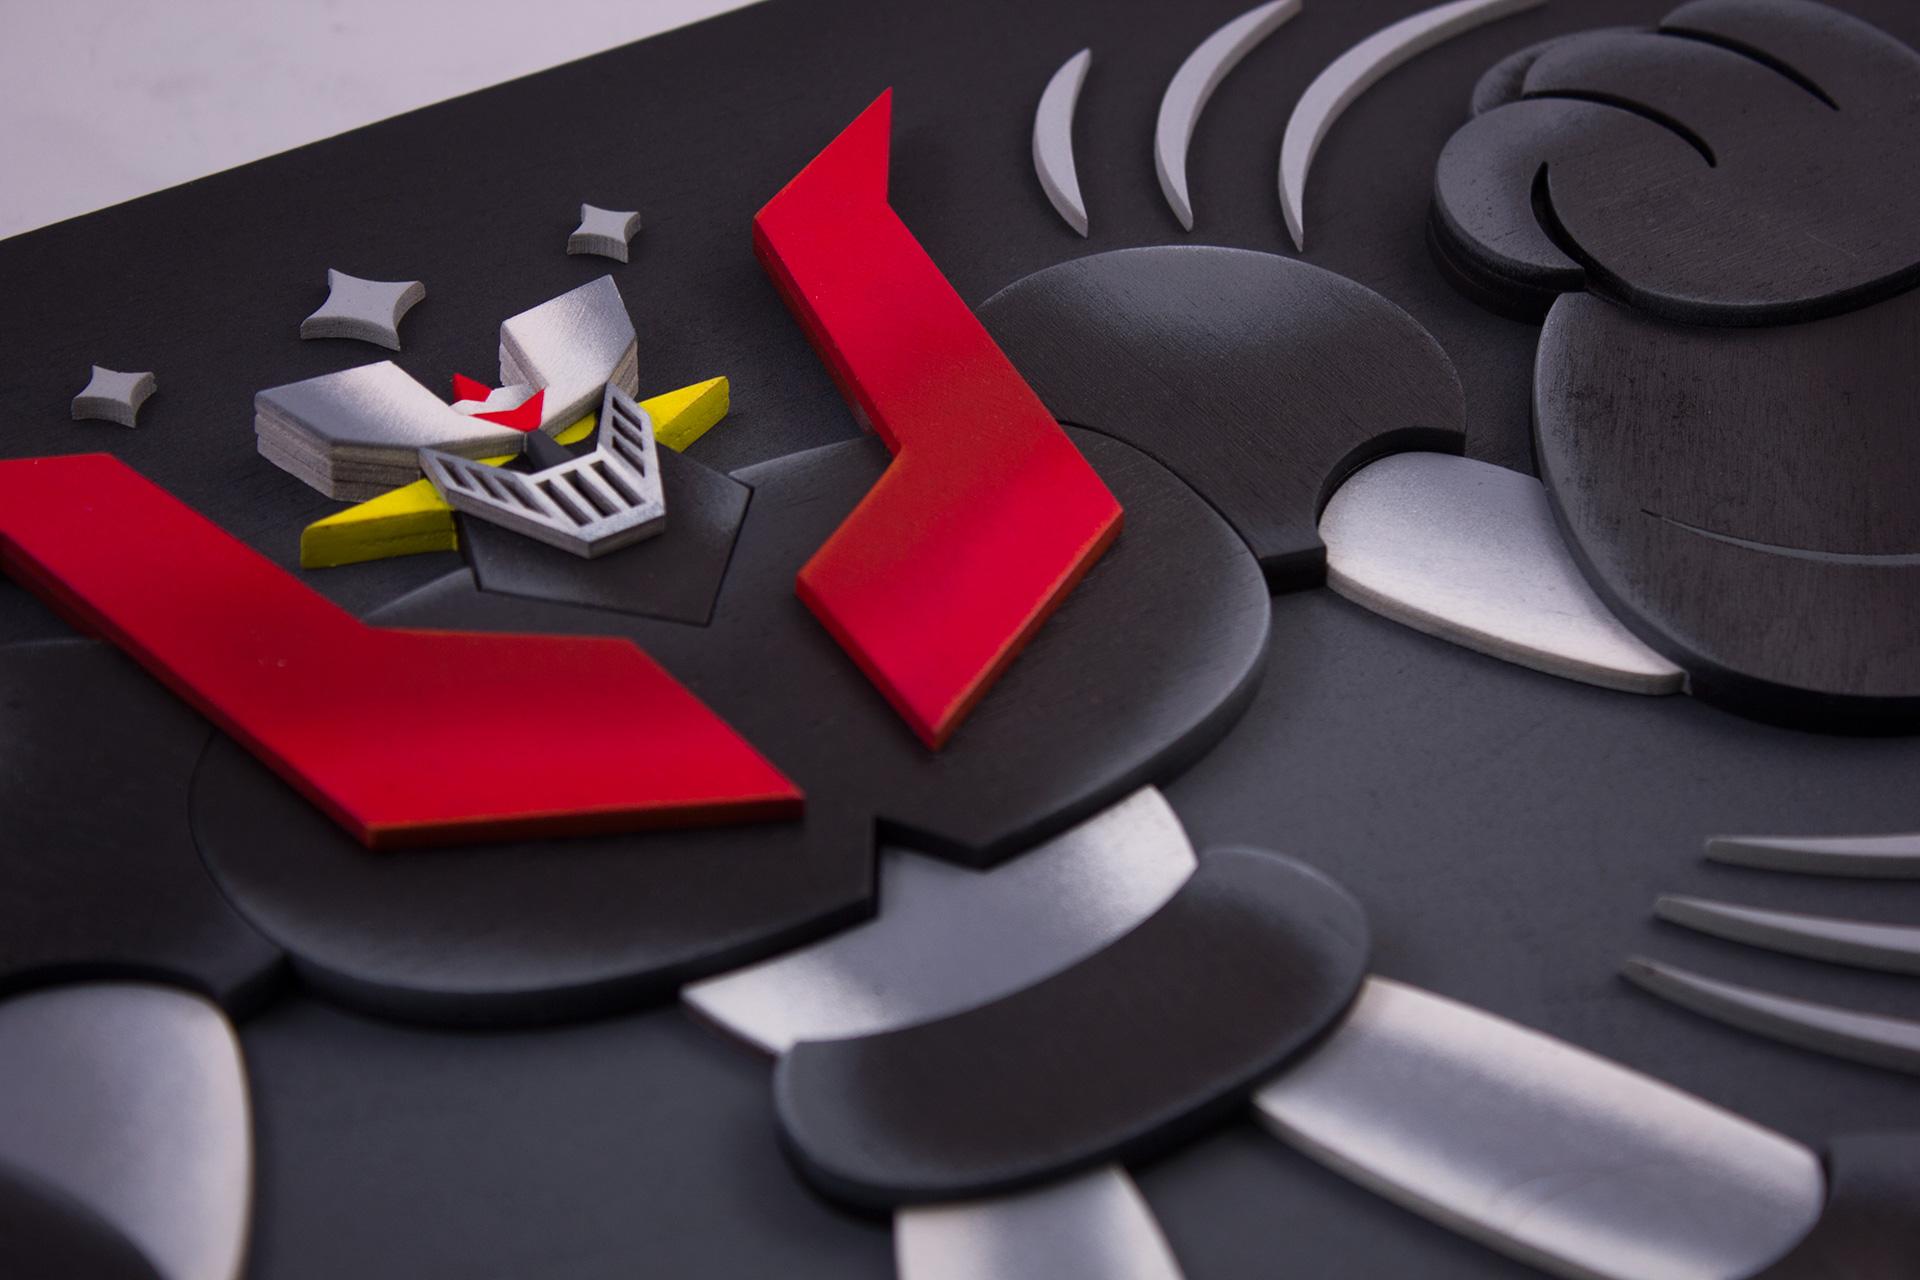 ROBOT-SODA-MAZINGER-002.jpg